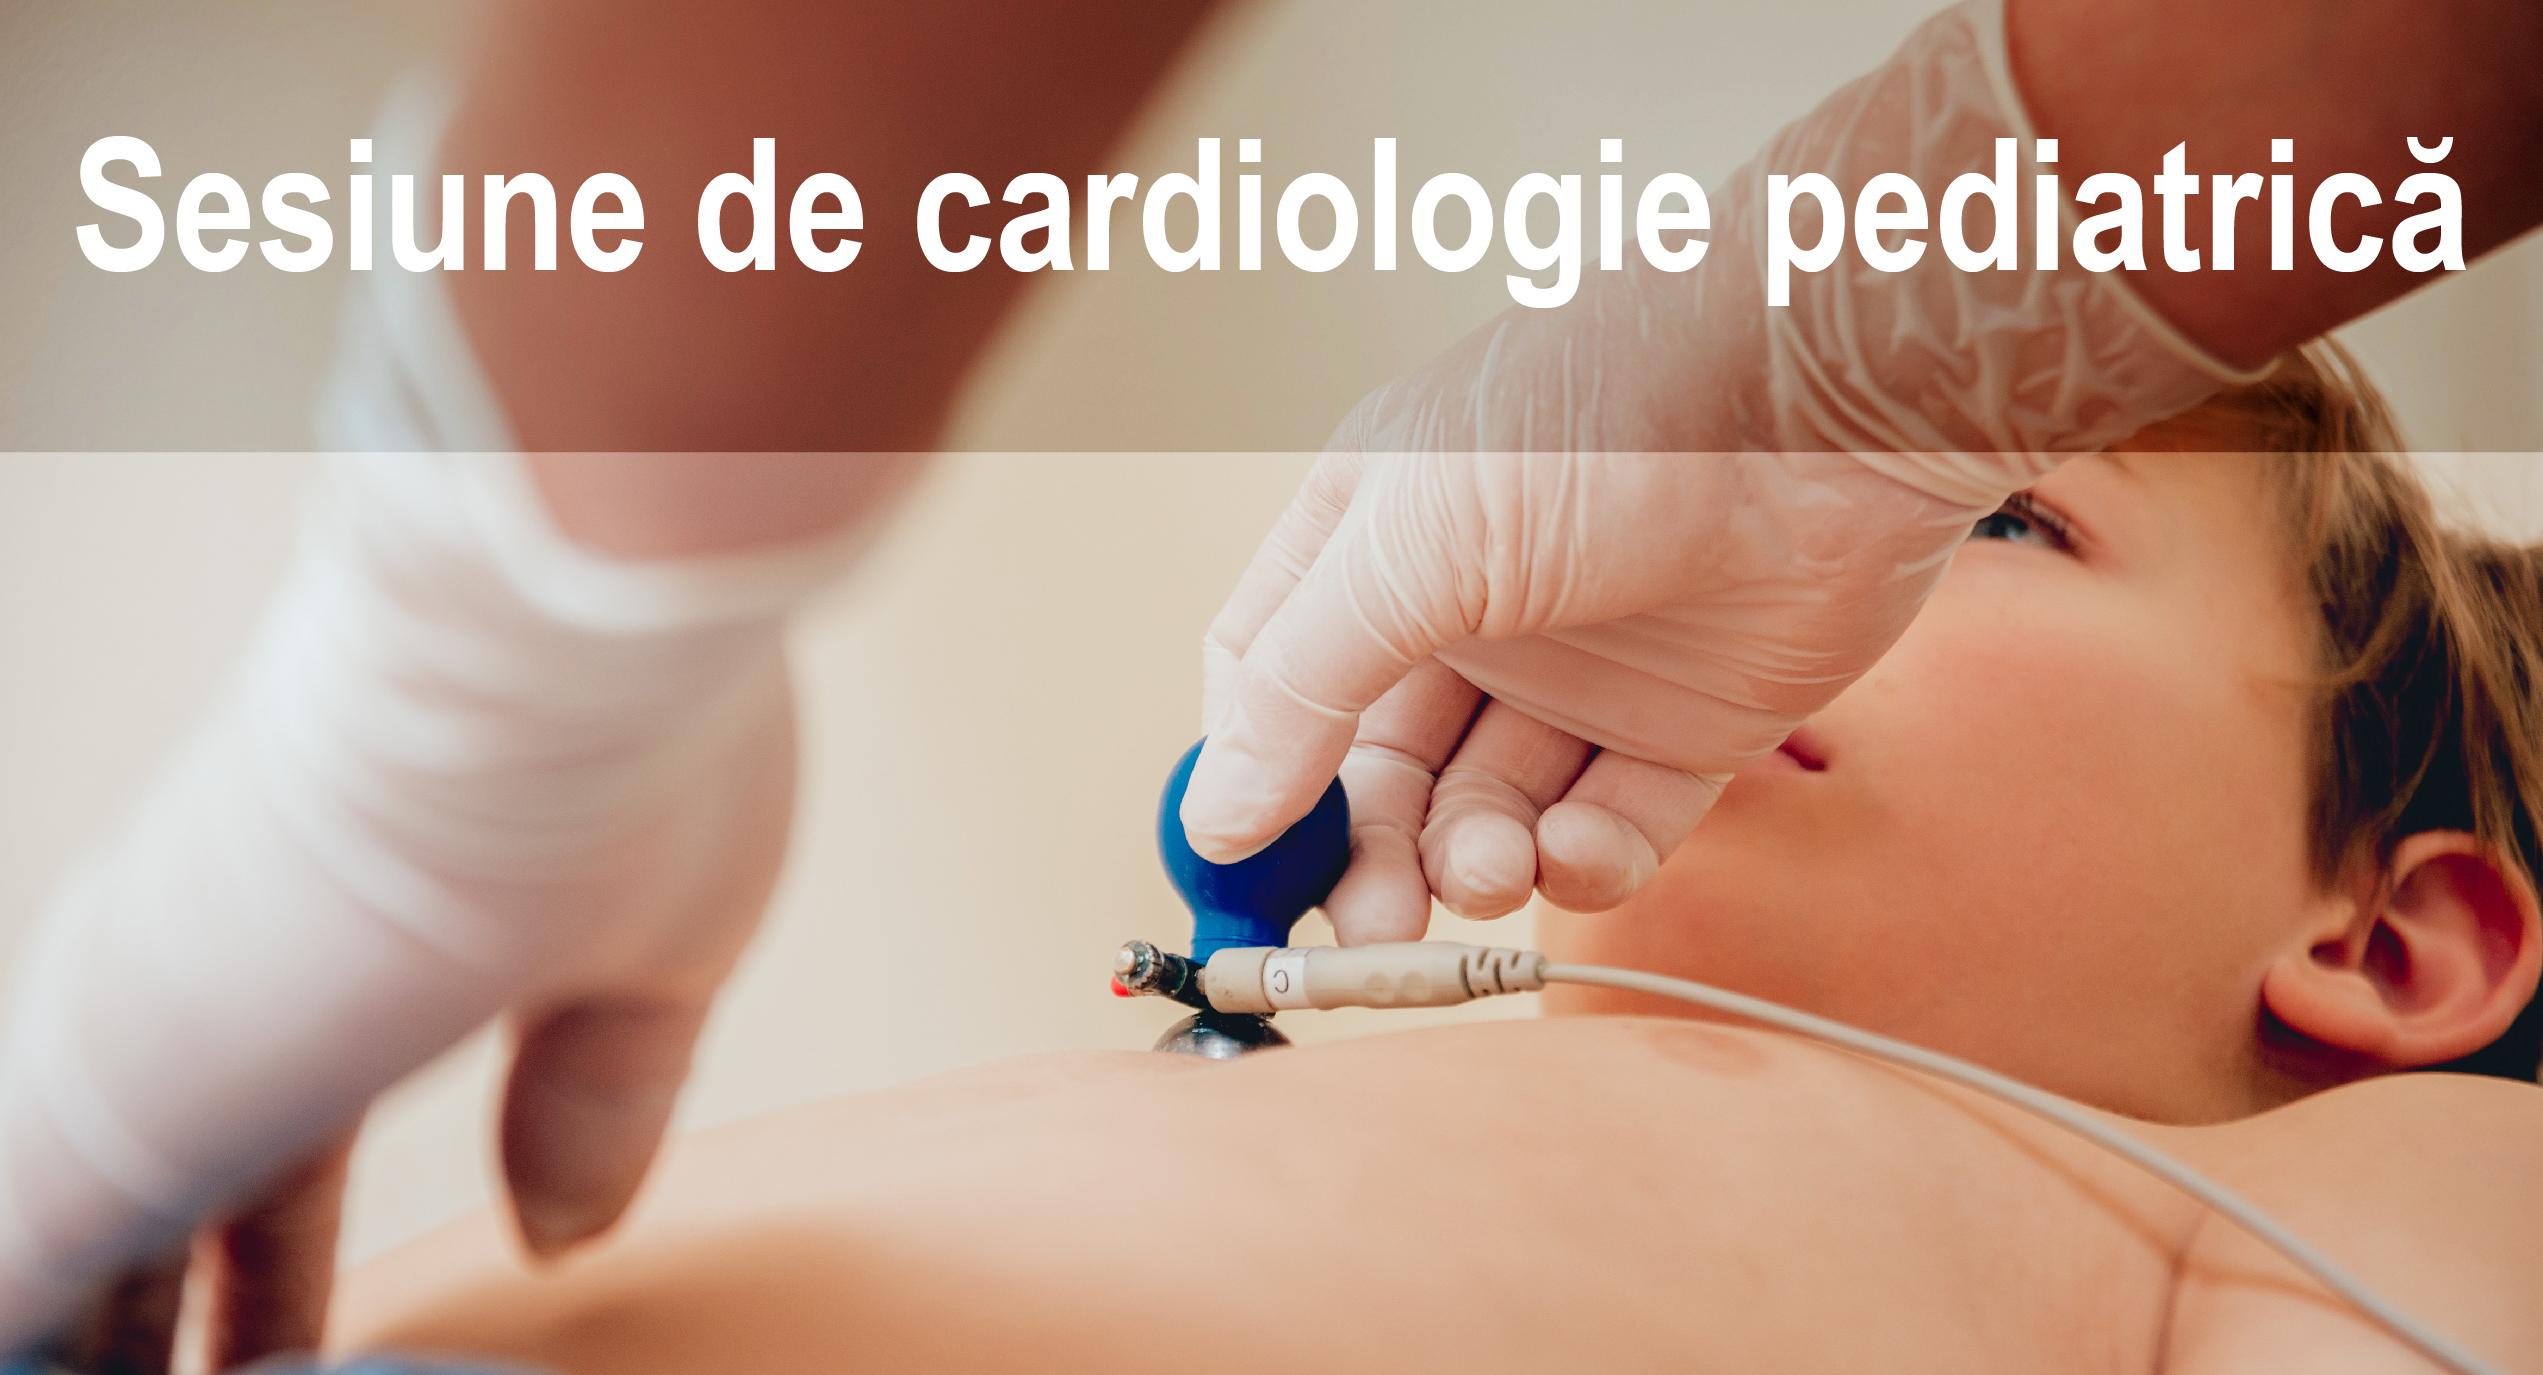 Sesiune de cardiologie pediatrică